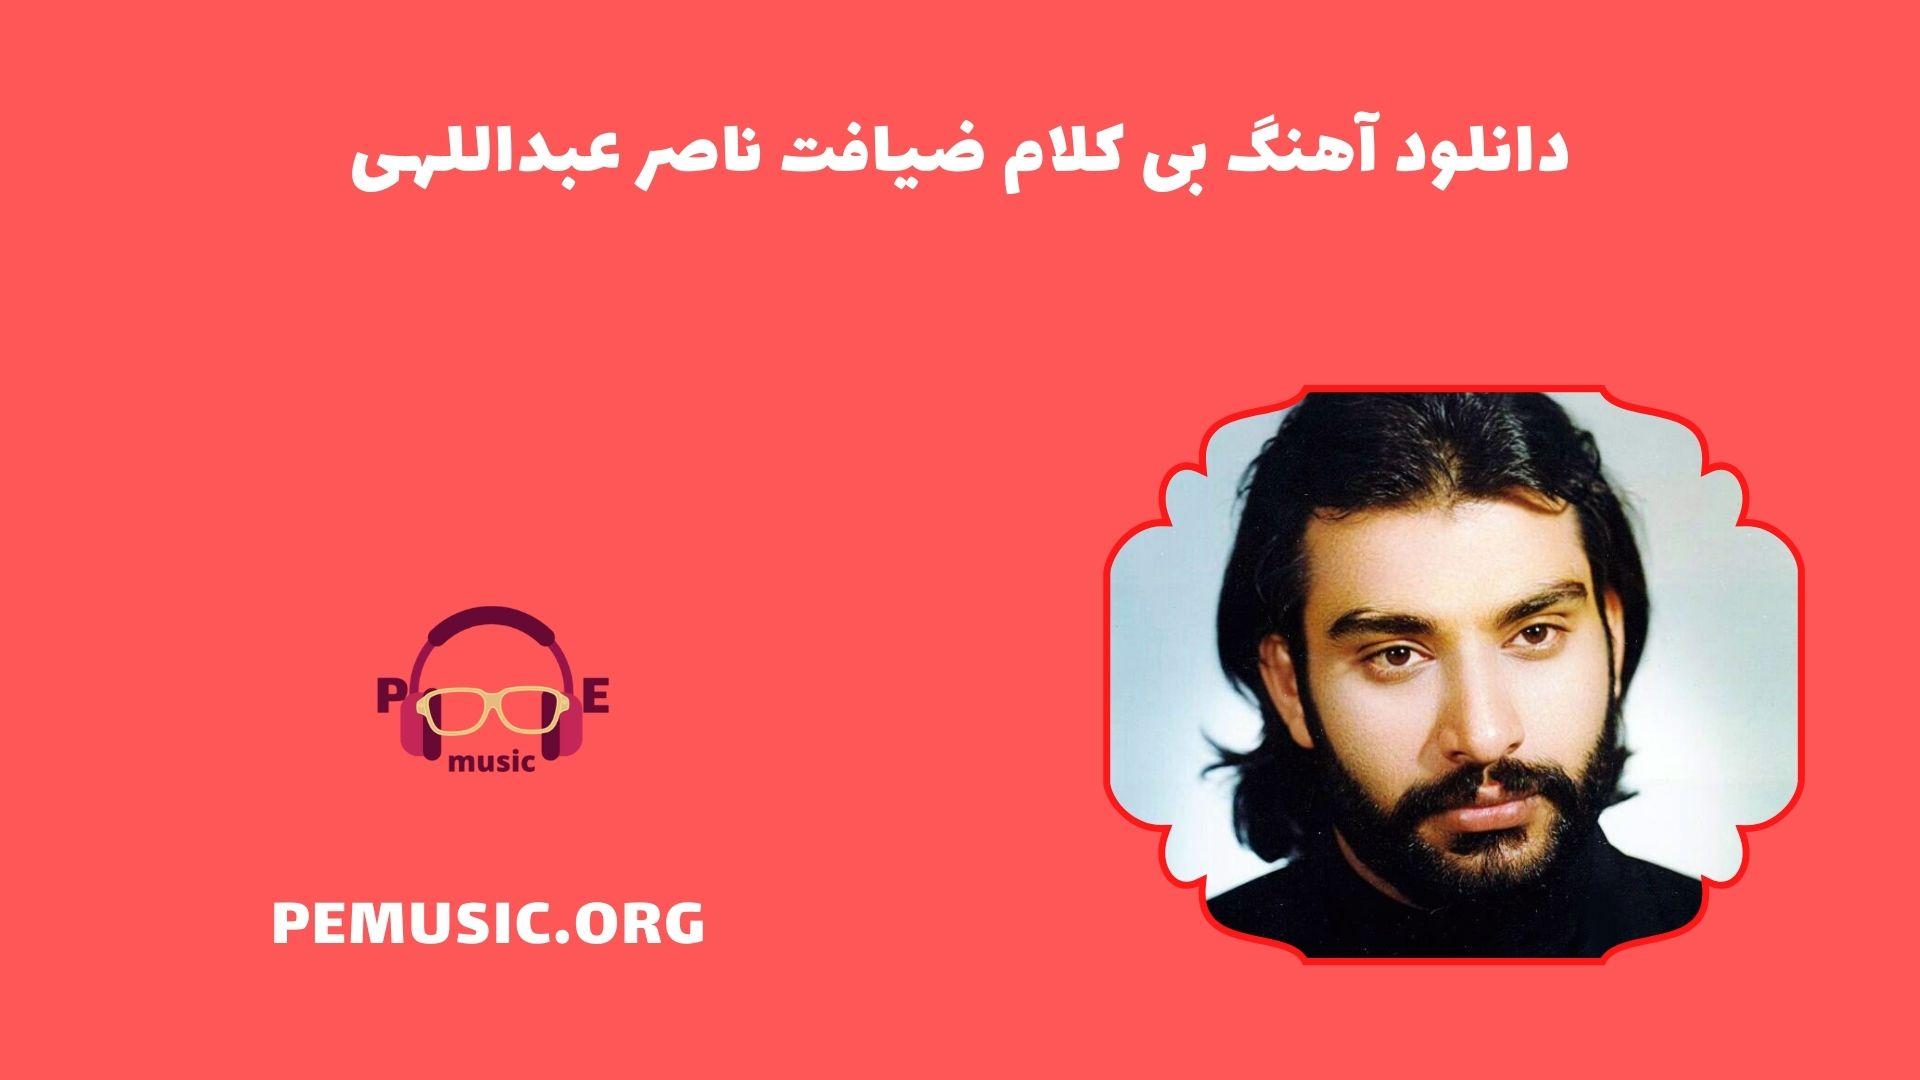 دانلود آهنگ بی کلام ضیافت ناصر عبداللهی